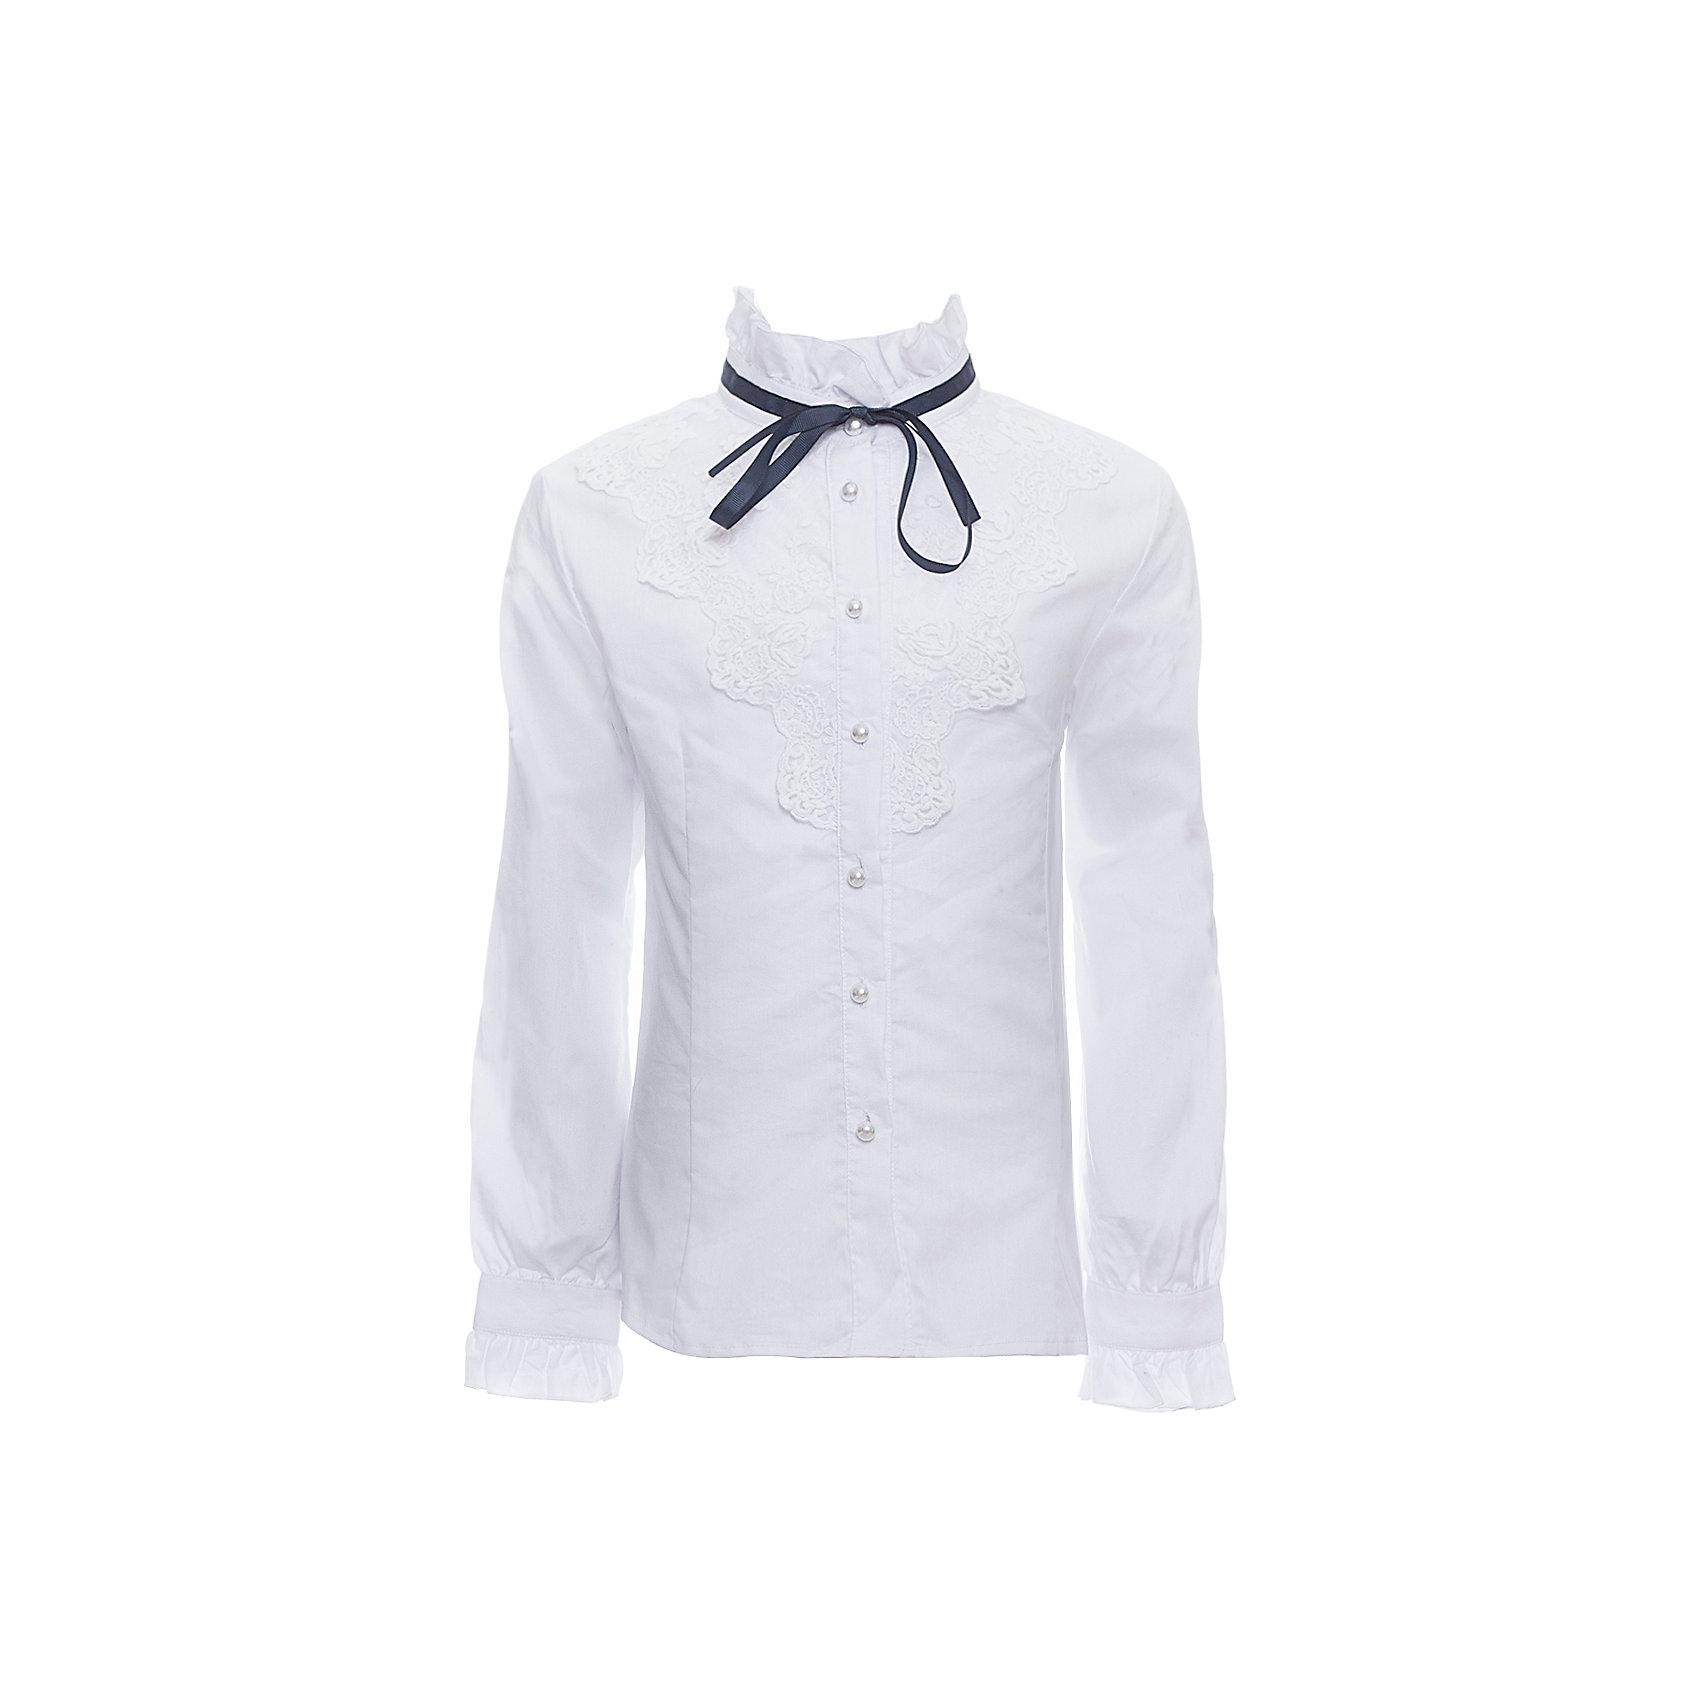 Блузка для девочки LuminosoБлузки и рубашки<br>Характеристики товара:<br><br>• цвет: белый;<br>• состав: 65% хлопок, 32% полиэстер, 3% эластан;<br>• сезон: демисезон;<br>• особенности: школьная, с кружевом;<br>• застежка: пуговицы;<br>• с длинным рукавом;<br>• декорирована кружевом и бантиком;<br>• манжеты рукавов на пуговице;<br>• страна бренда: Россия;<br>• страна производства: Китай.<br><br>Школьная блузка с длинным рукавом для девочки. Белая блузка приталенного кроя. Декорирована изящным кружевом и контрастным бантиком синего цвета. Застегивается на пуговки, манжеты рукавов на одной пуговице.<br><br>Блузка для девочки Luminoso (Люминосо) можно купить в нашем интернет-магазине.<br><br>Ширина мм: 186<br>Глубина мм: 87<br>Высота мм: 198<br>Вес г: 197<br>Цвет: белый<br>Возраст от месяцев: 72<br>Возраст до месяцев: 84<br>Пол: Женский<br>Возраст: Детский<br>Размер: 122,164,158,152,146,140,134,128<br>SKU: 6672047